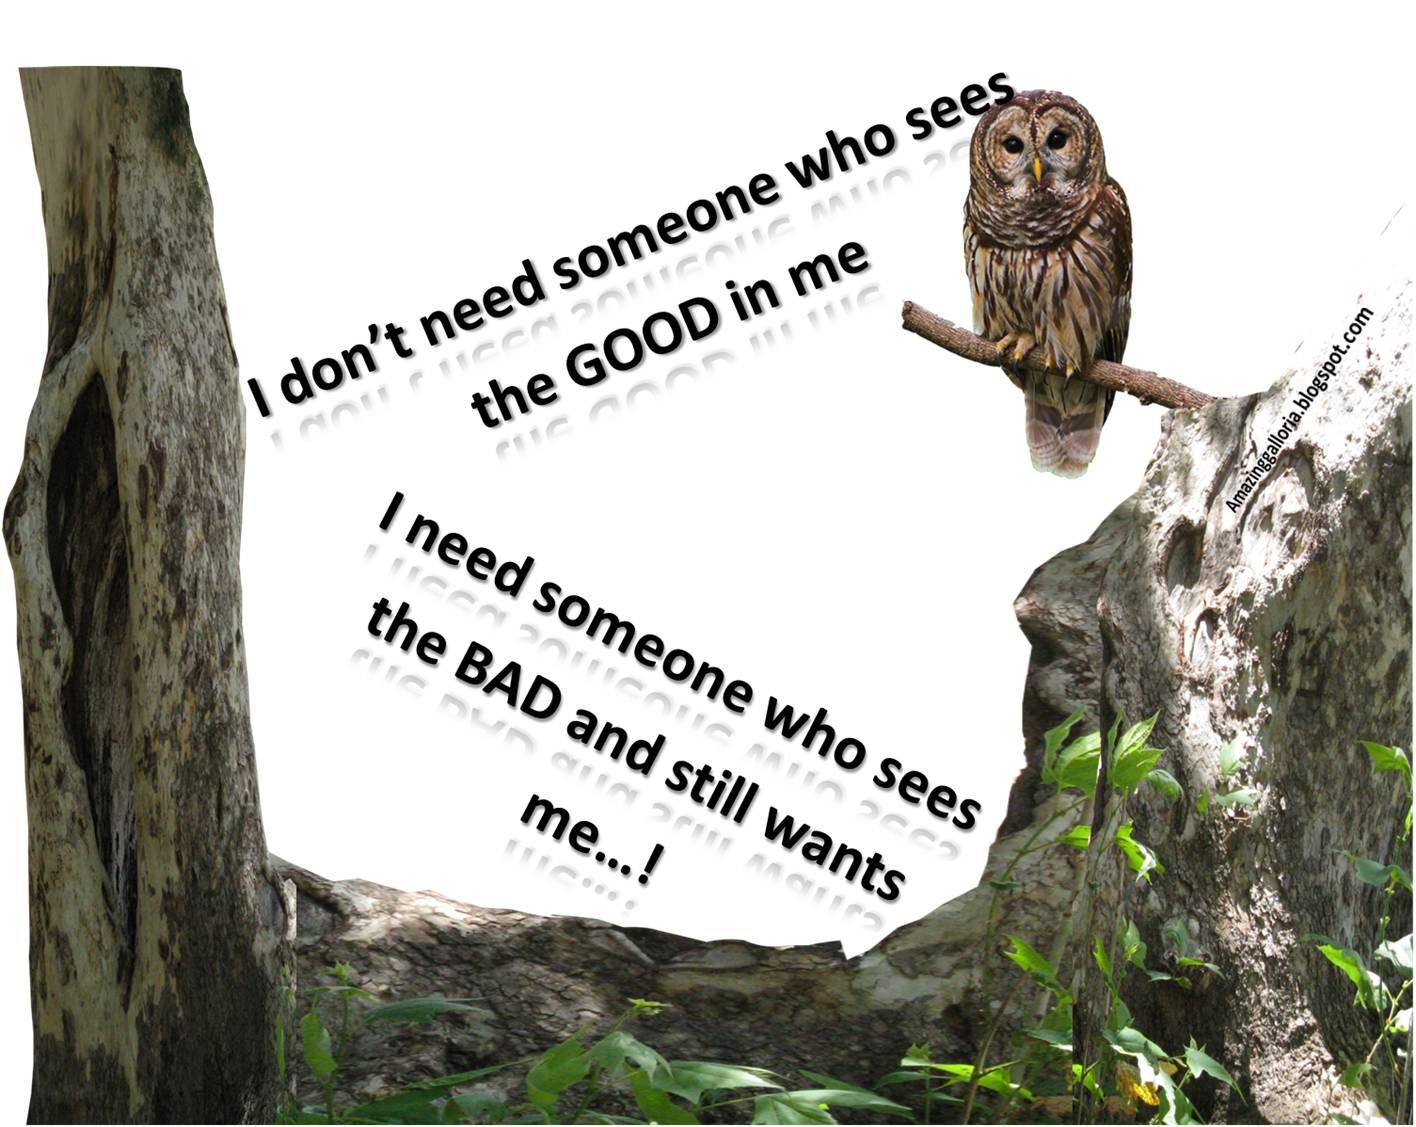 http://2.bp.blogspot.com/-eMs9_mUwga8/T3Cub0hcBII/AAAAAAAAAh0/a3pxXX2cPgY/s1600/birds+messages+15.jpg